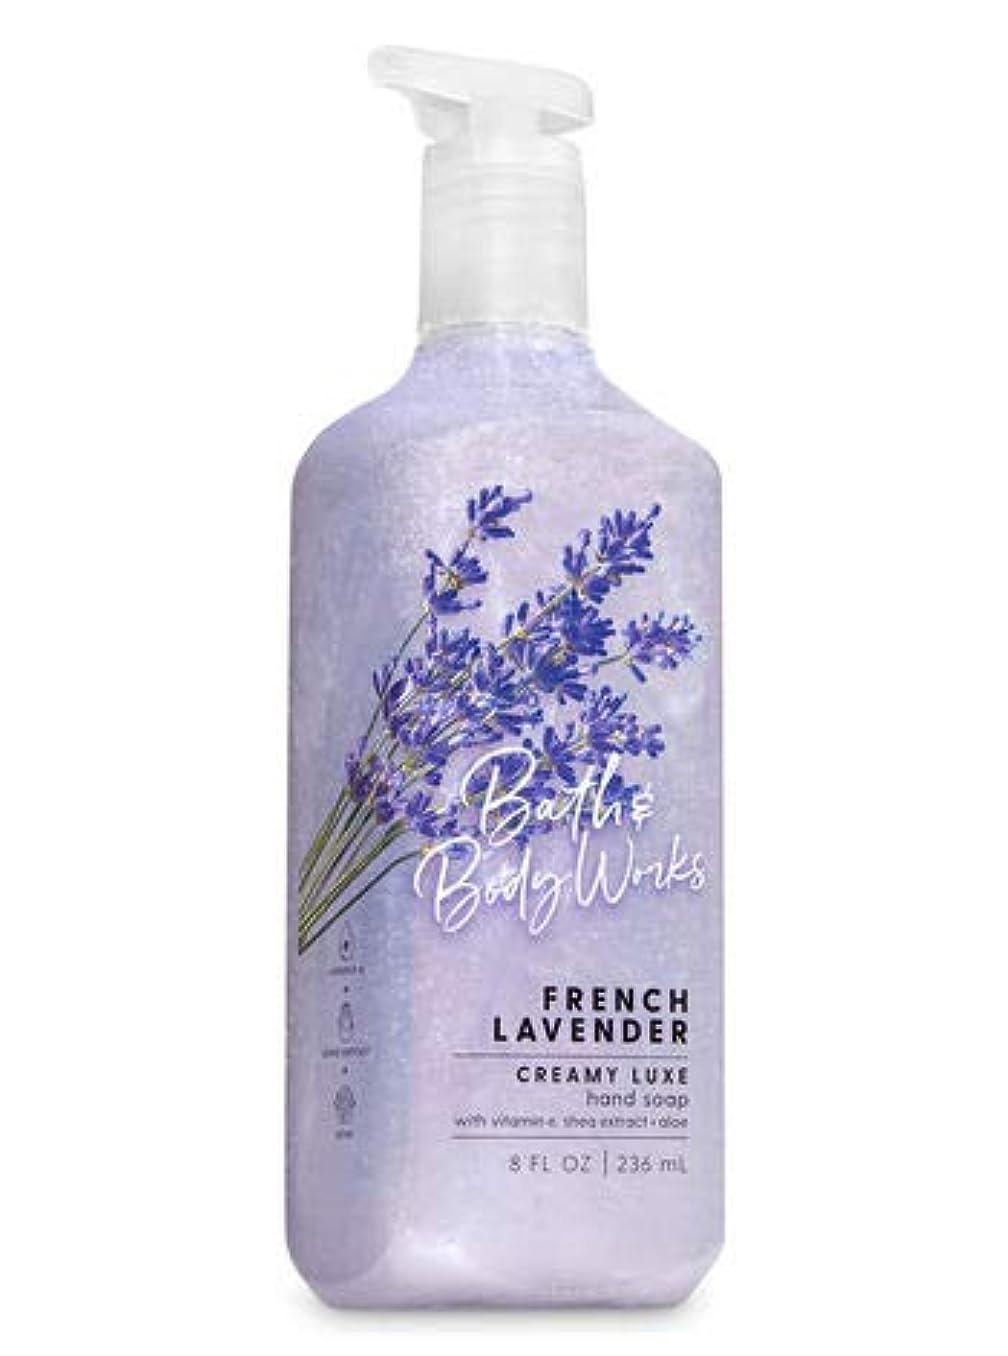 試みるクラフトサイバースペースバス&ボディワークス フレンチラベンダー クリーミーハンドソープ French Lavender Creamy Luxe Hand Soap With Vitamine E Shea Extract + Aloe